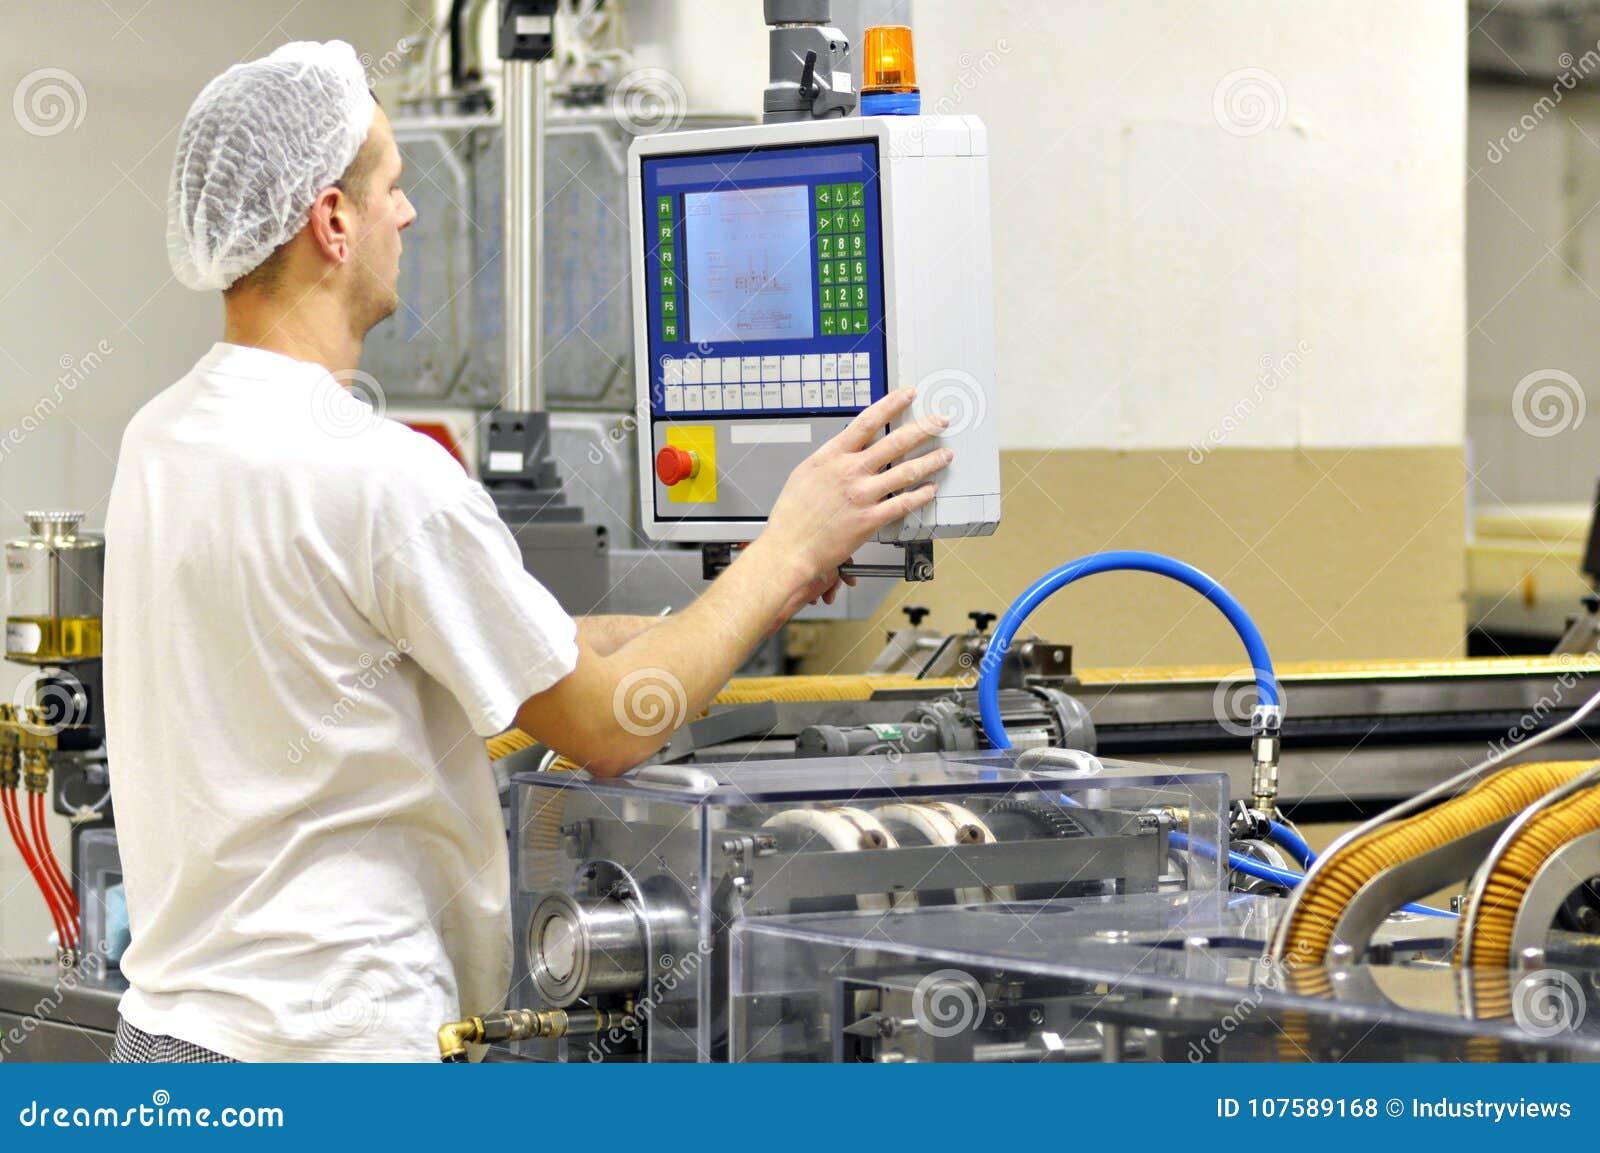 Livsmedelsindustri - ljusbrun produktion i en fabrik på en transportör är